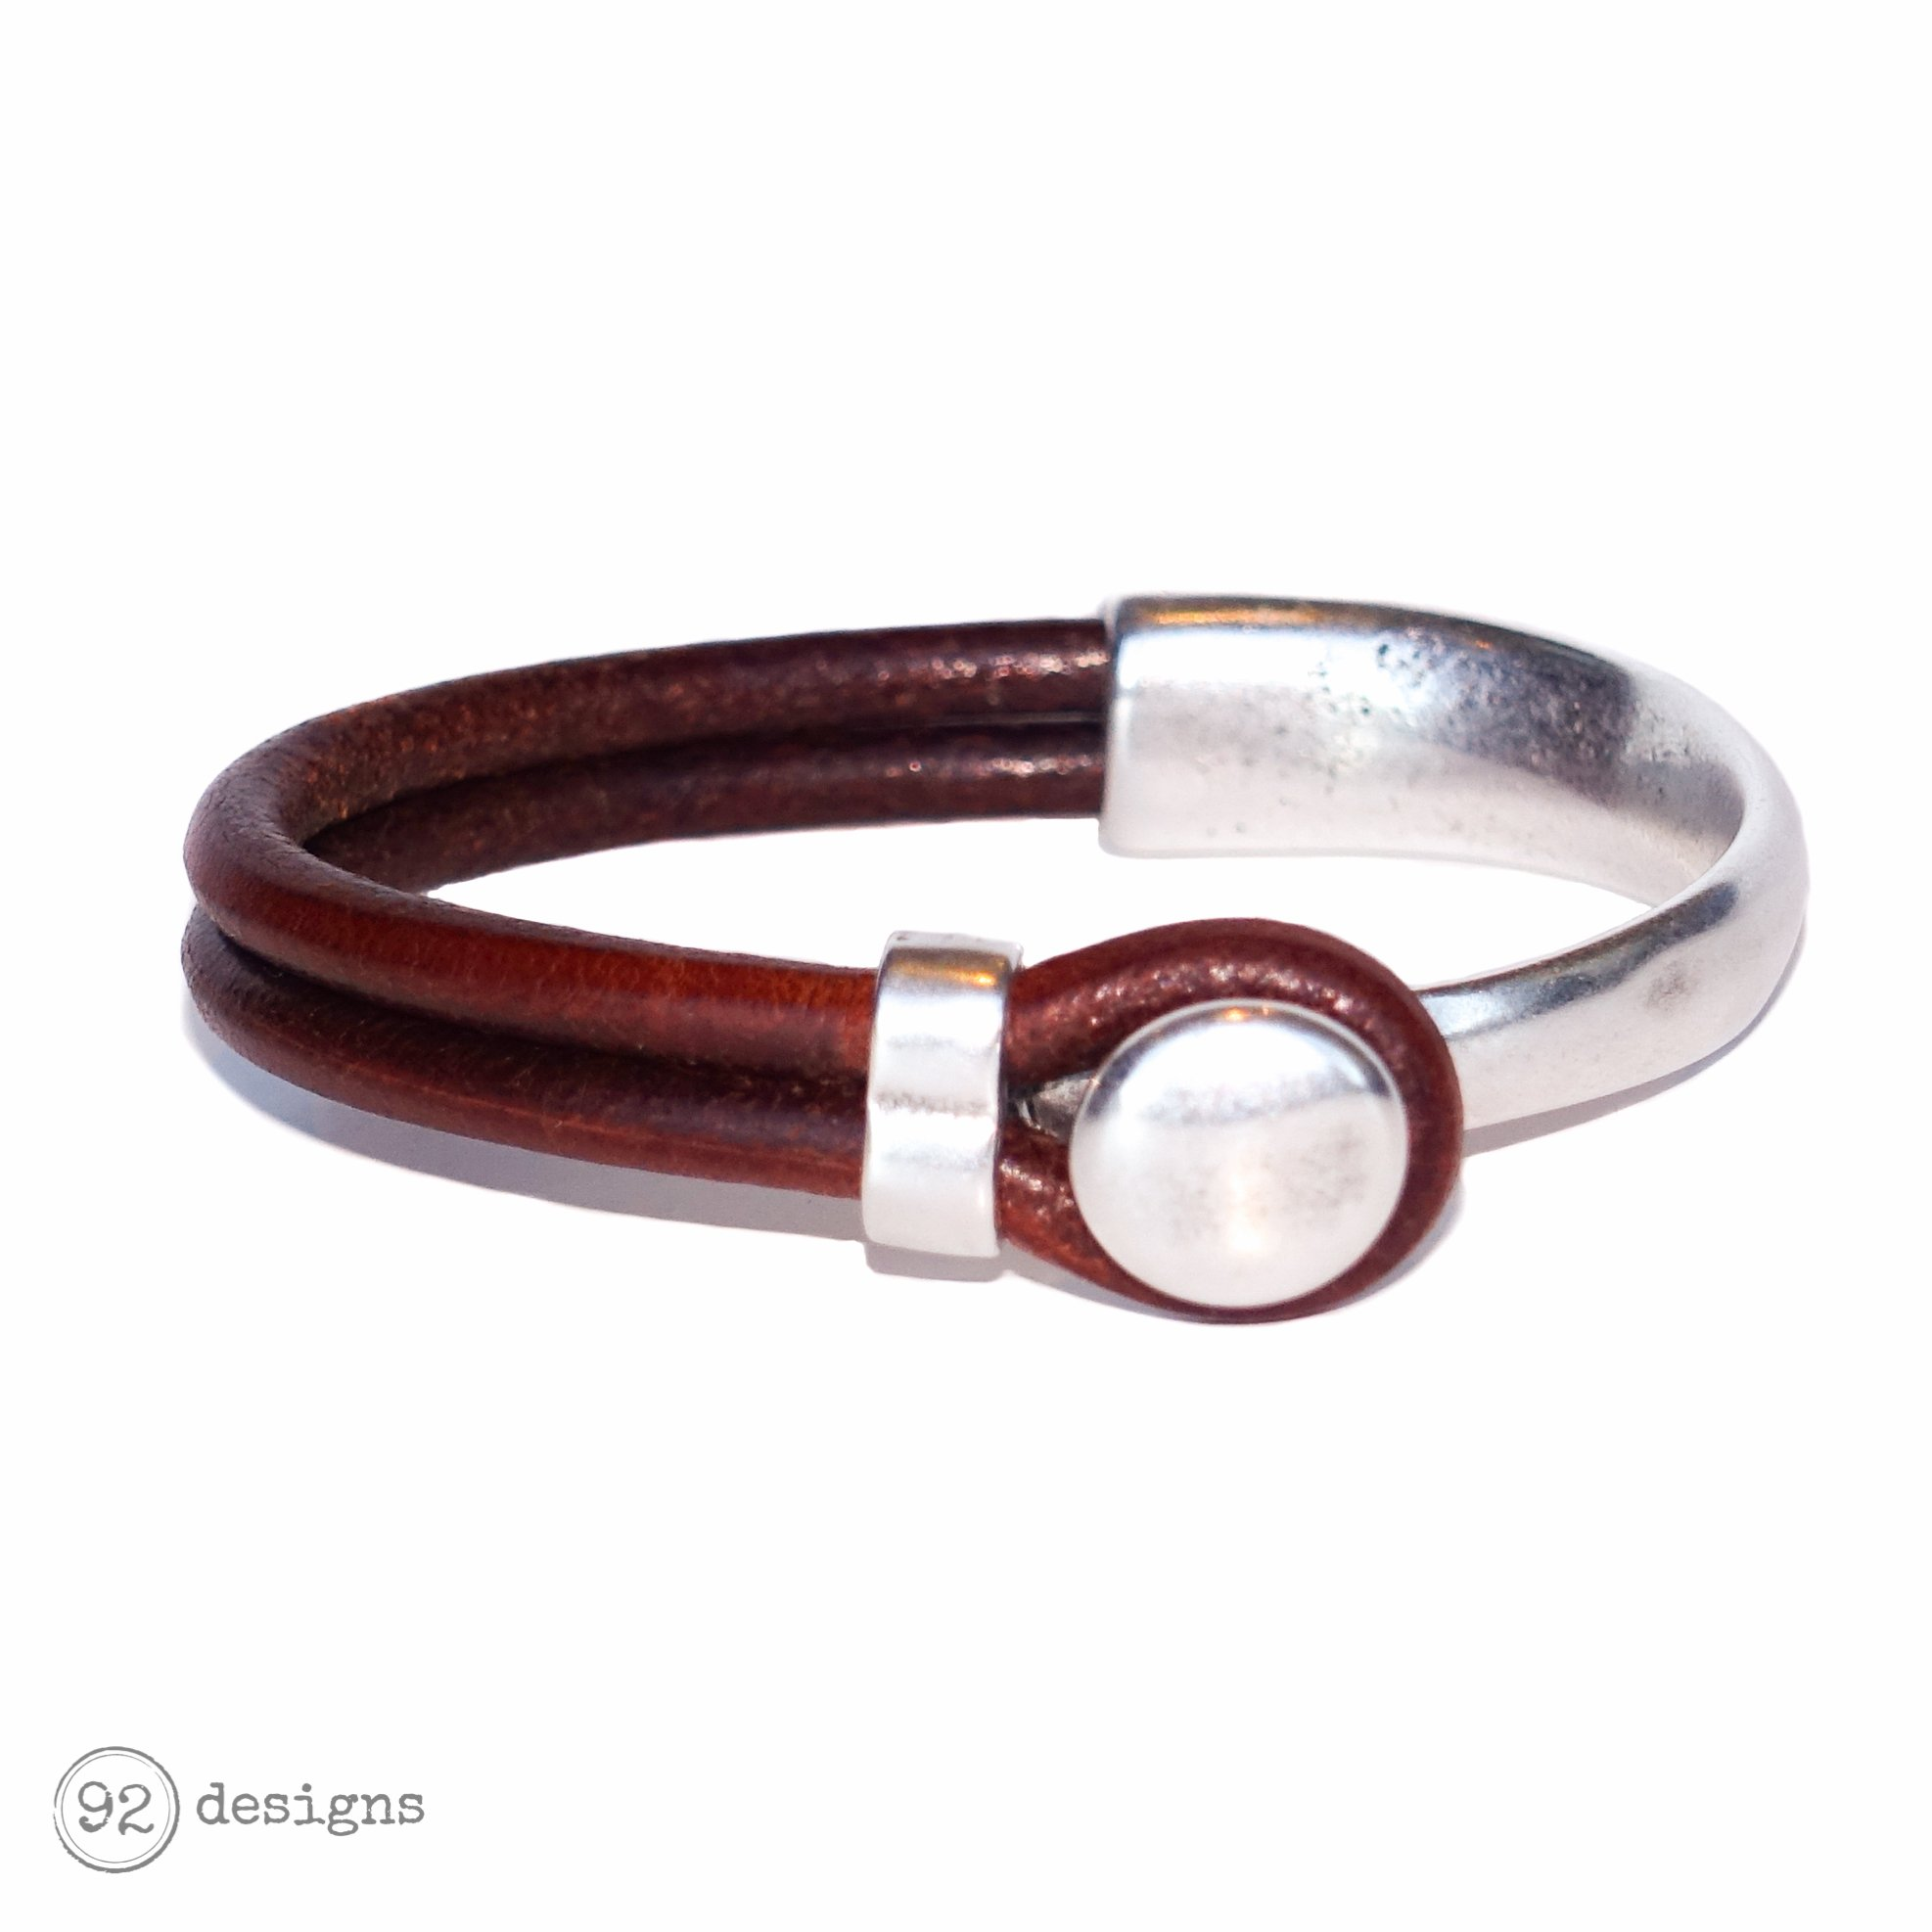 button top bracelet - silver/brown